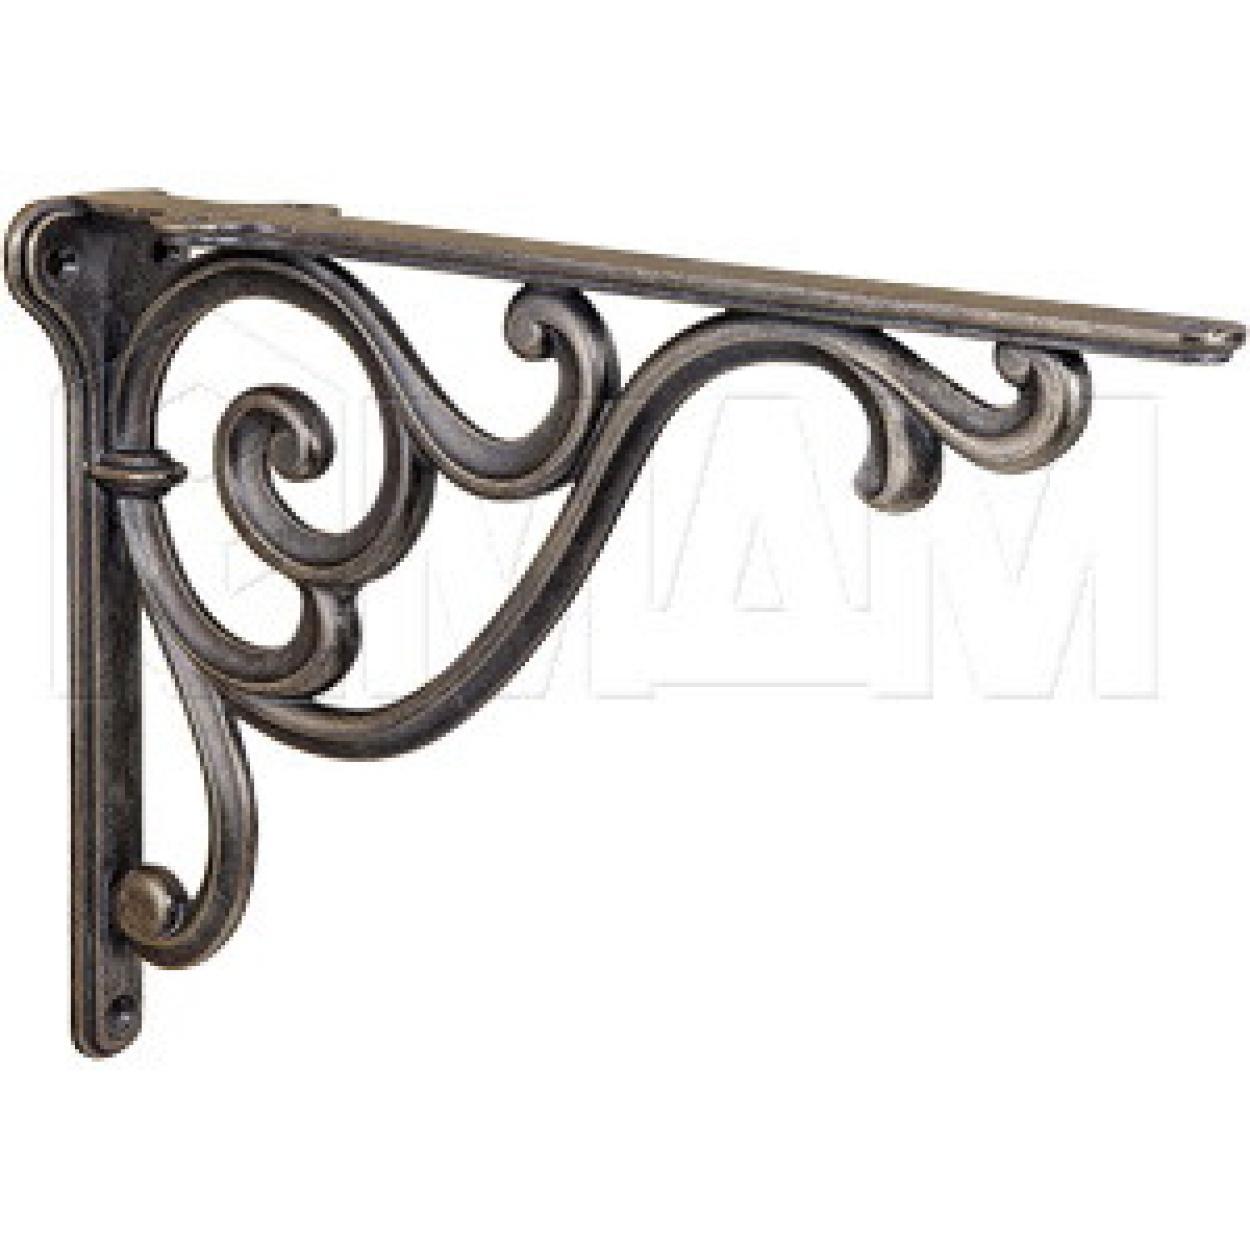 ROME Менсолодержатель для деревянных полок L-250 мм, бронза состаренная